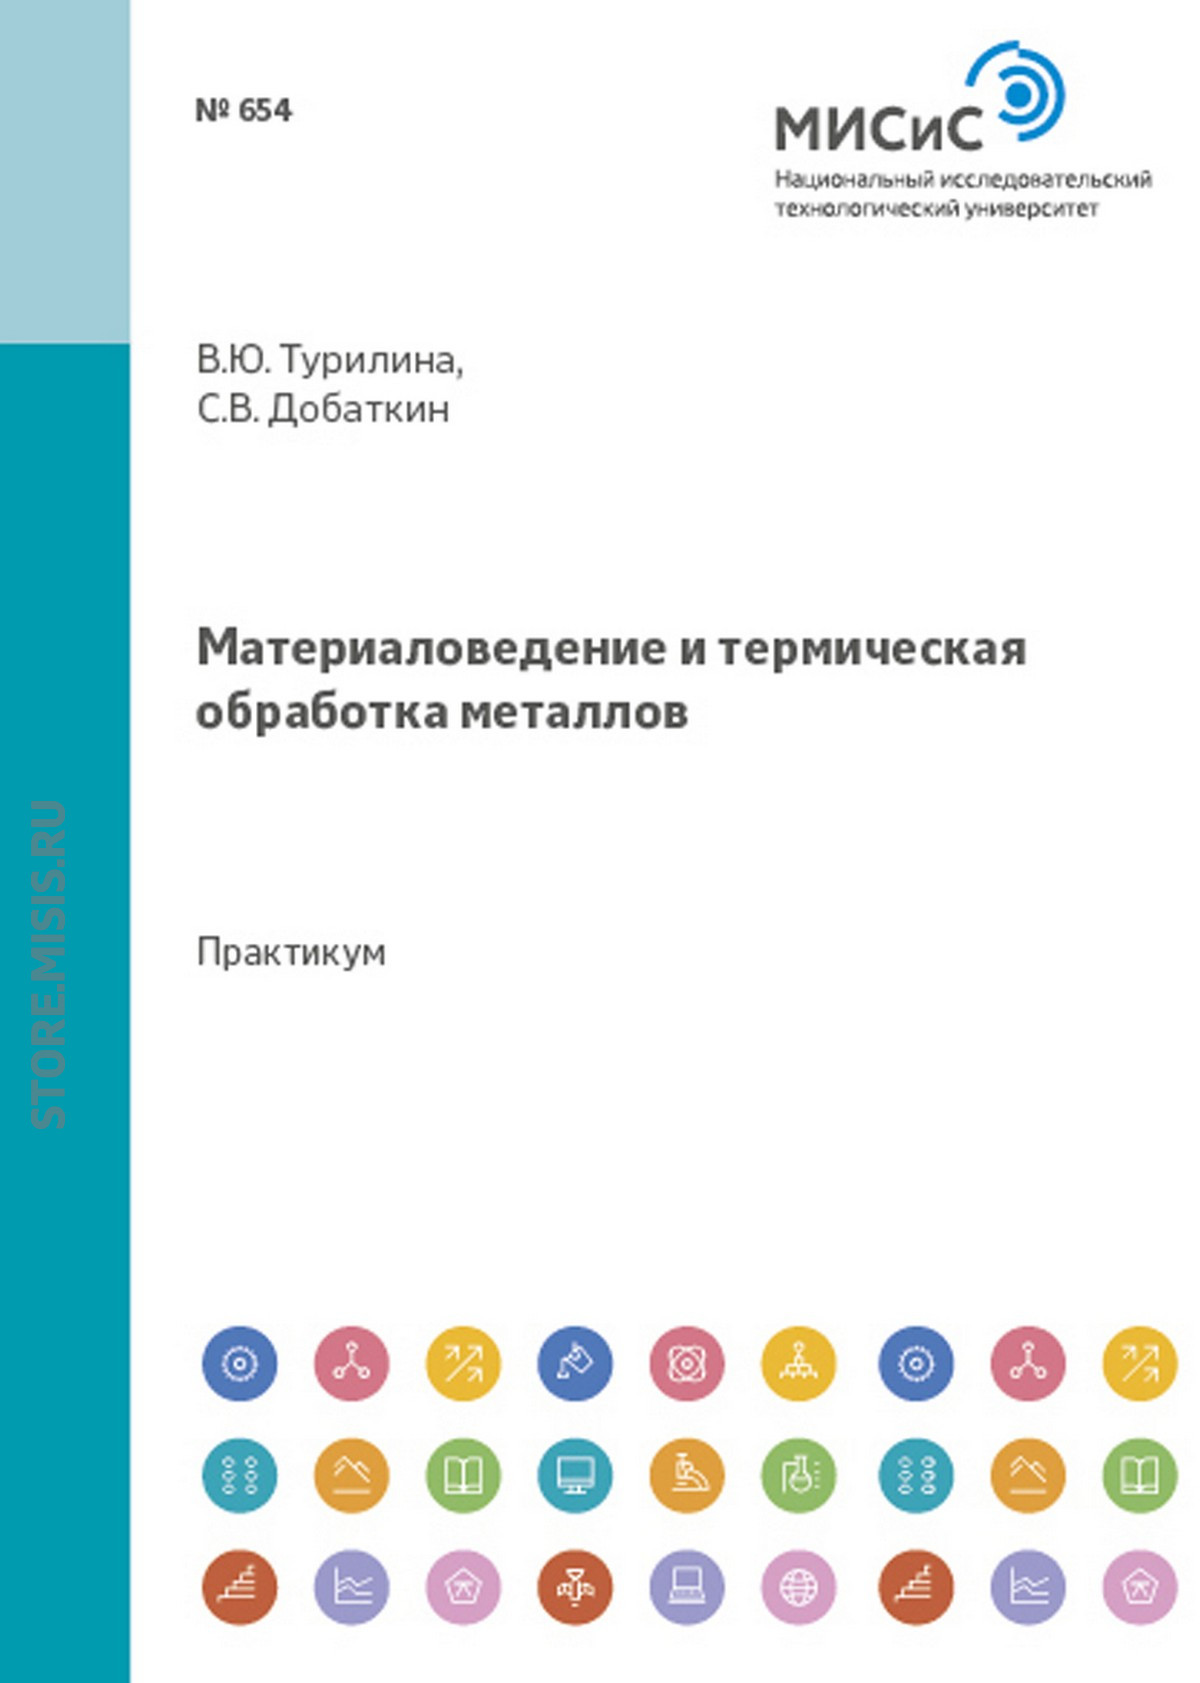 Сергей Добаткин Материаловедение и термическая обработка металлов дудкин а ким в электротехническое материаловедение